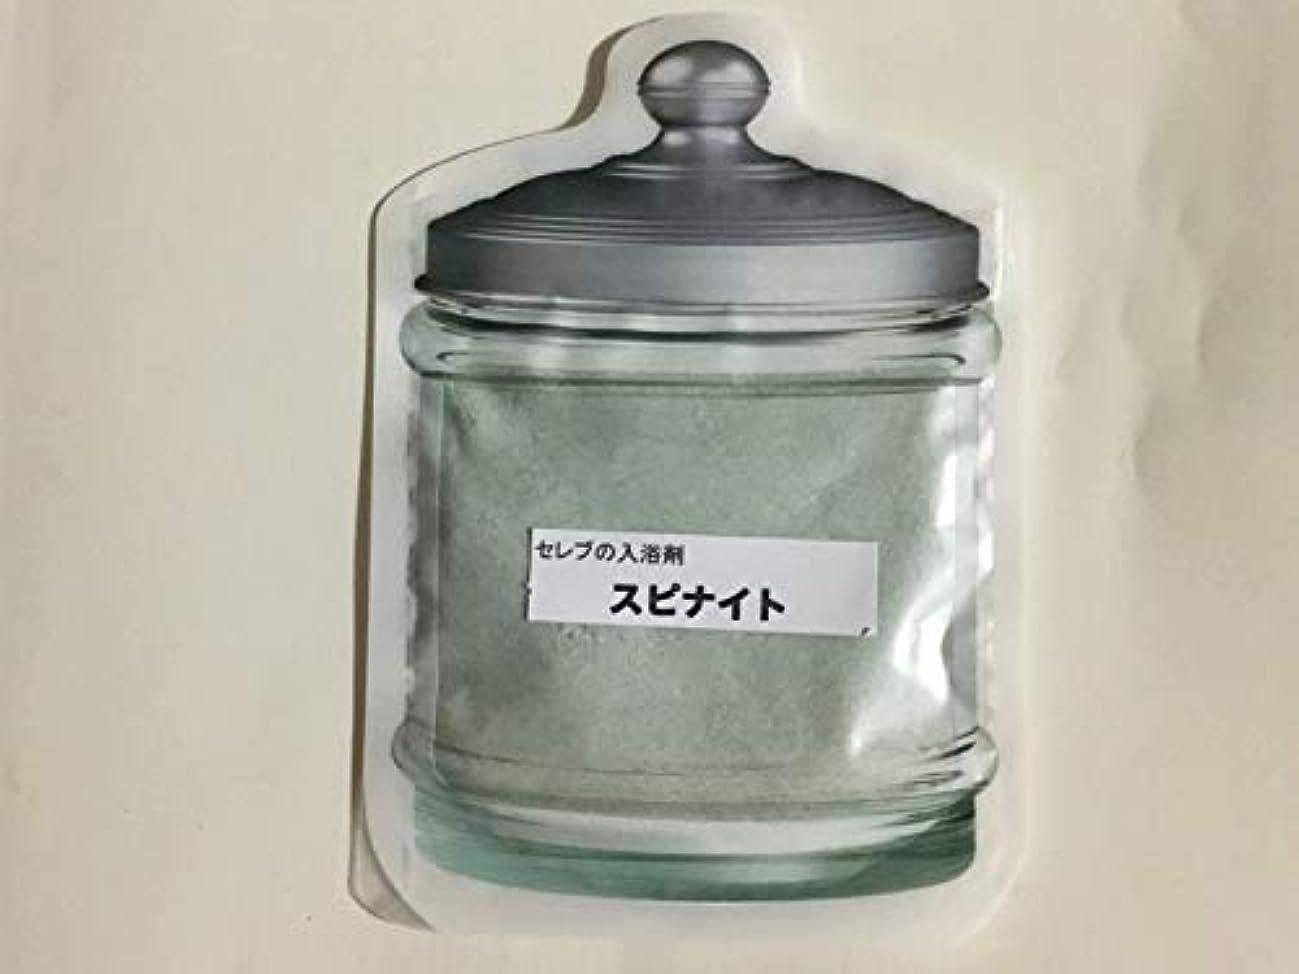 ばか曲定刻セレブの入浴剤「スピナイト」